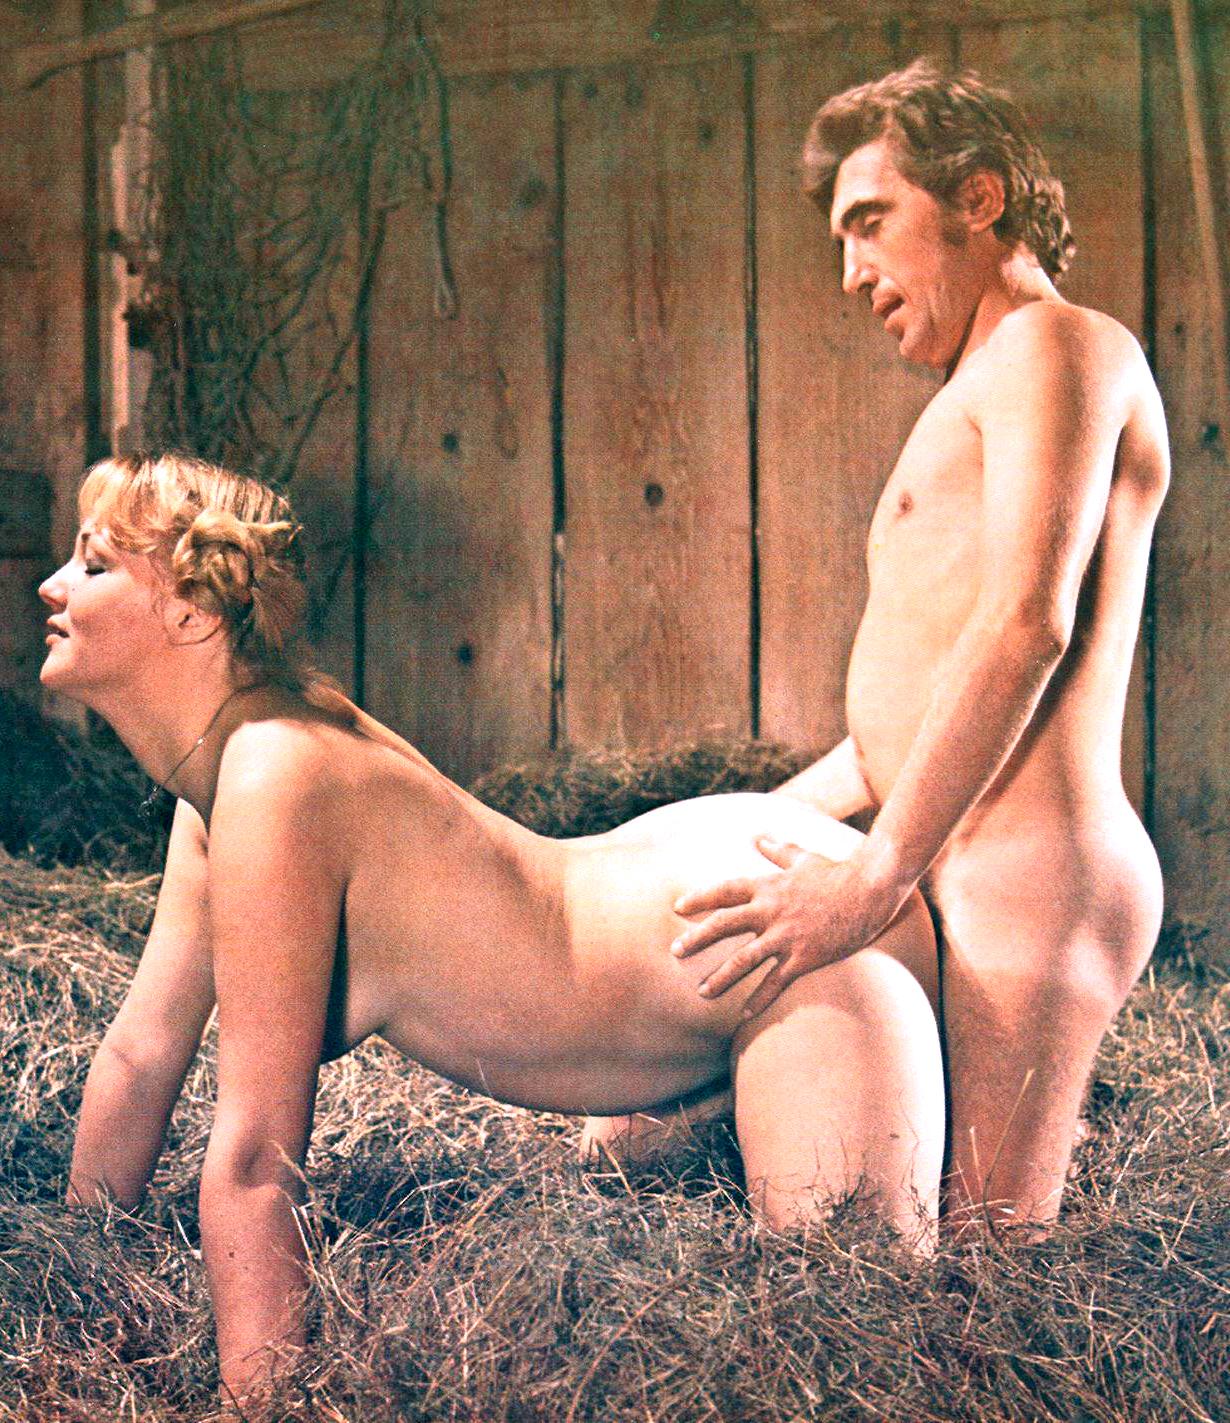 является порно фильм деревенские женщины проститутки номера телефонов